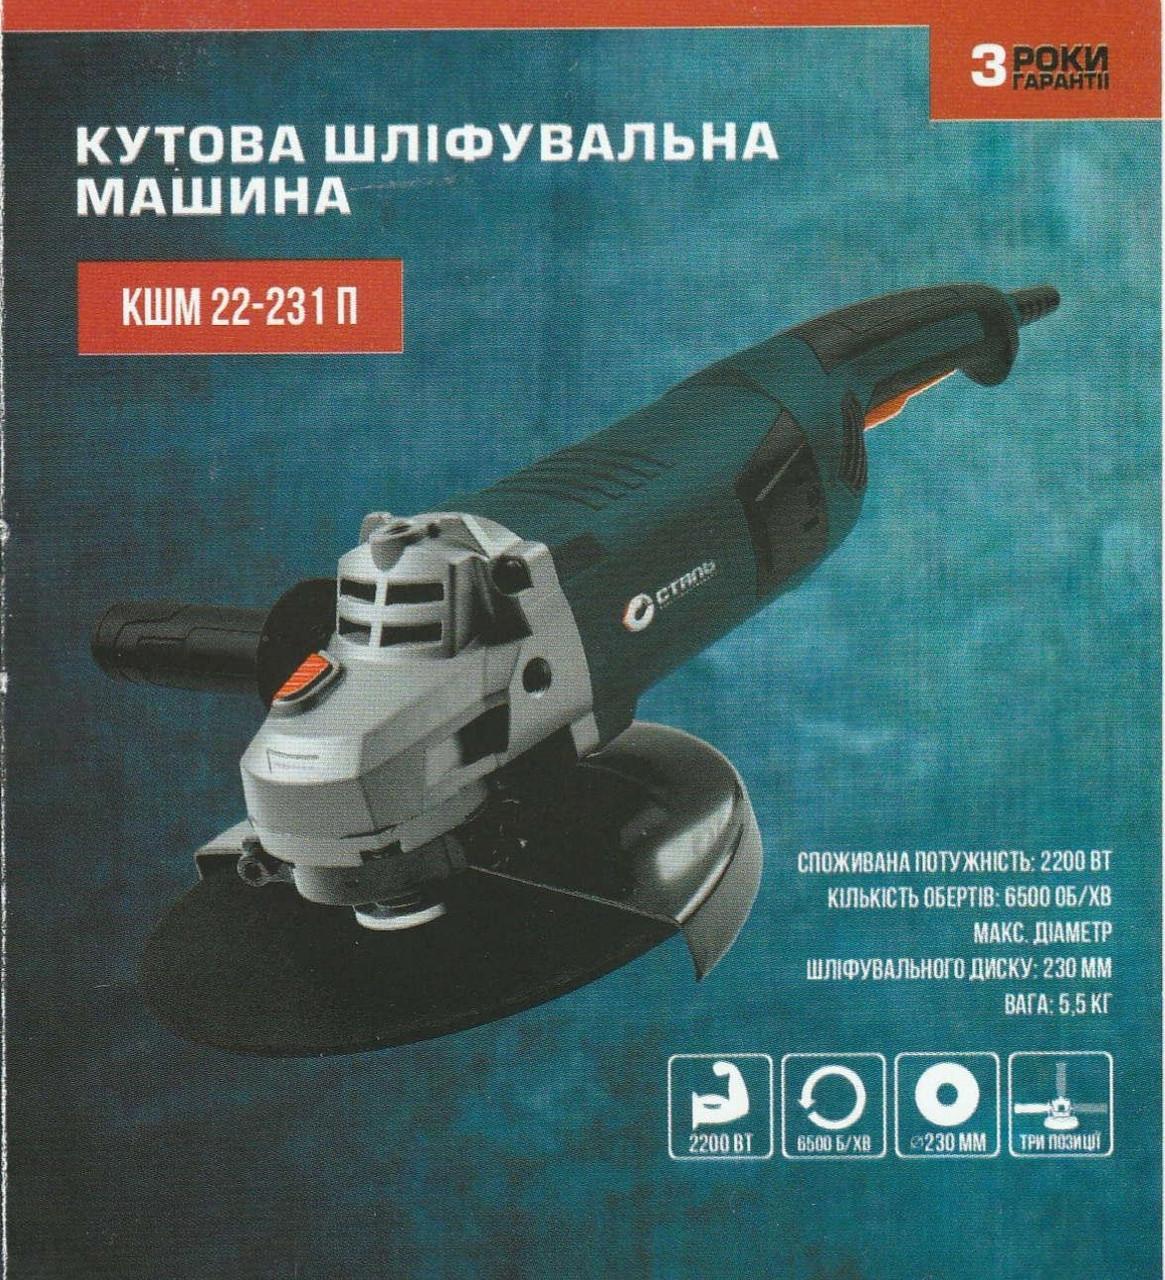 Угловая Шлифовальные Машина Сталь КШМ 22-231 П